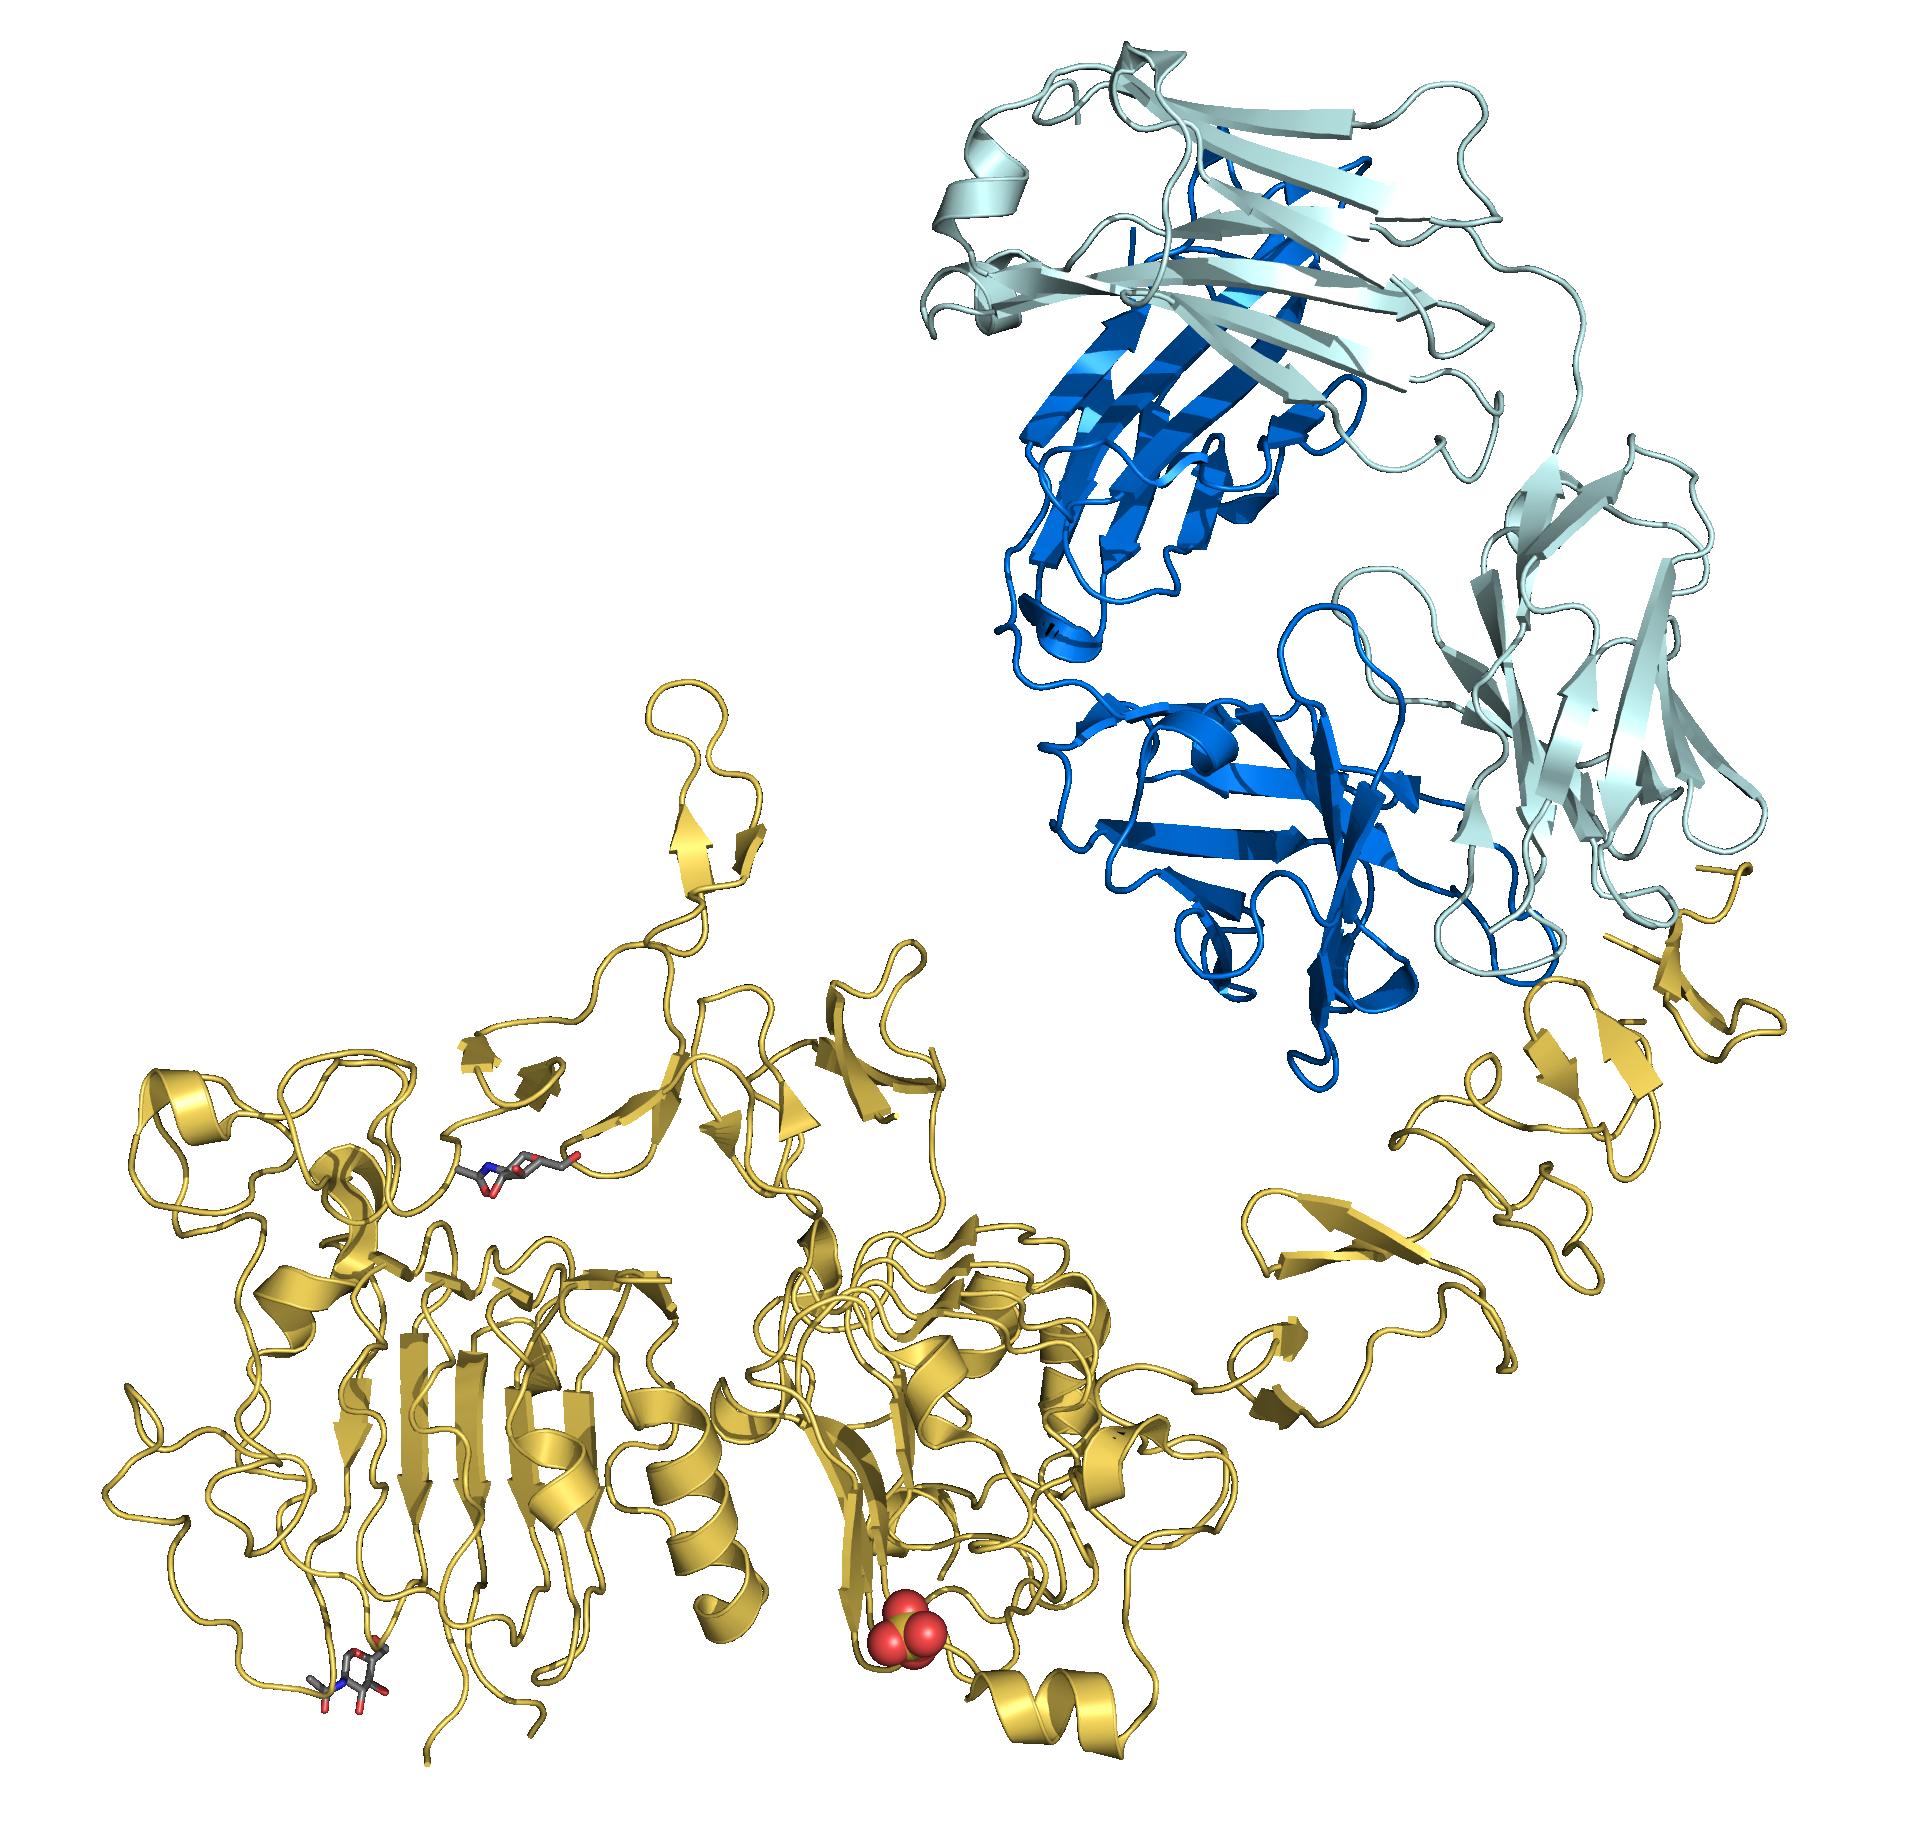 Trastuzumab - Wikipedia